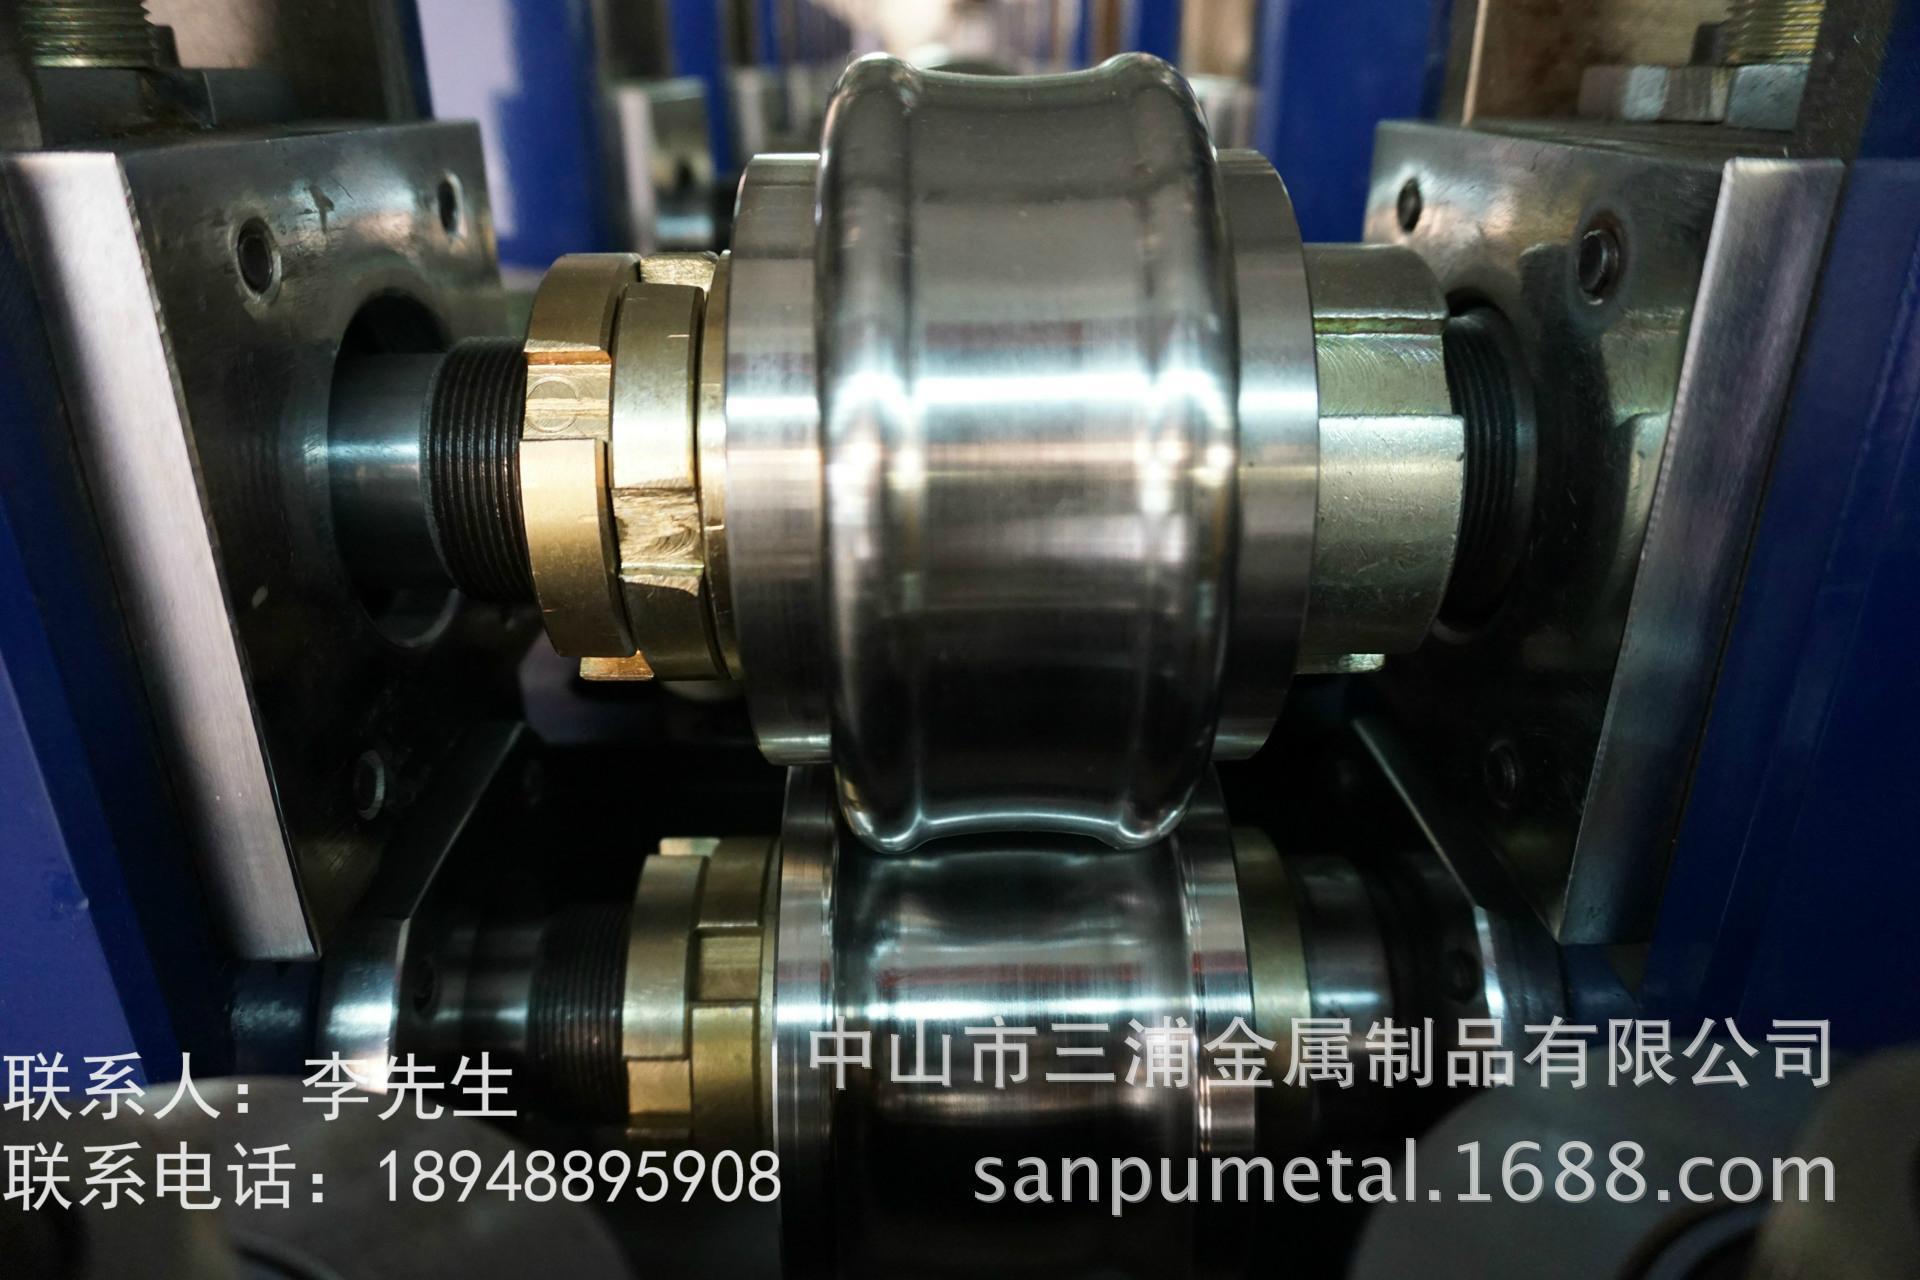 供應精密焊管模具 值得信賴 中山三浦金屬制品公司  4